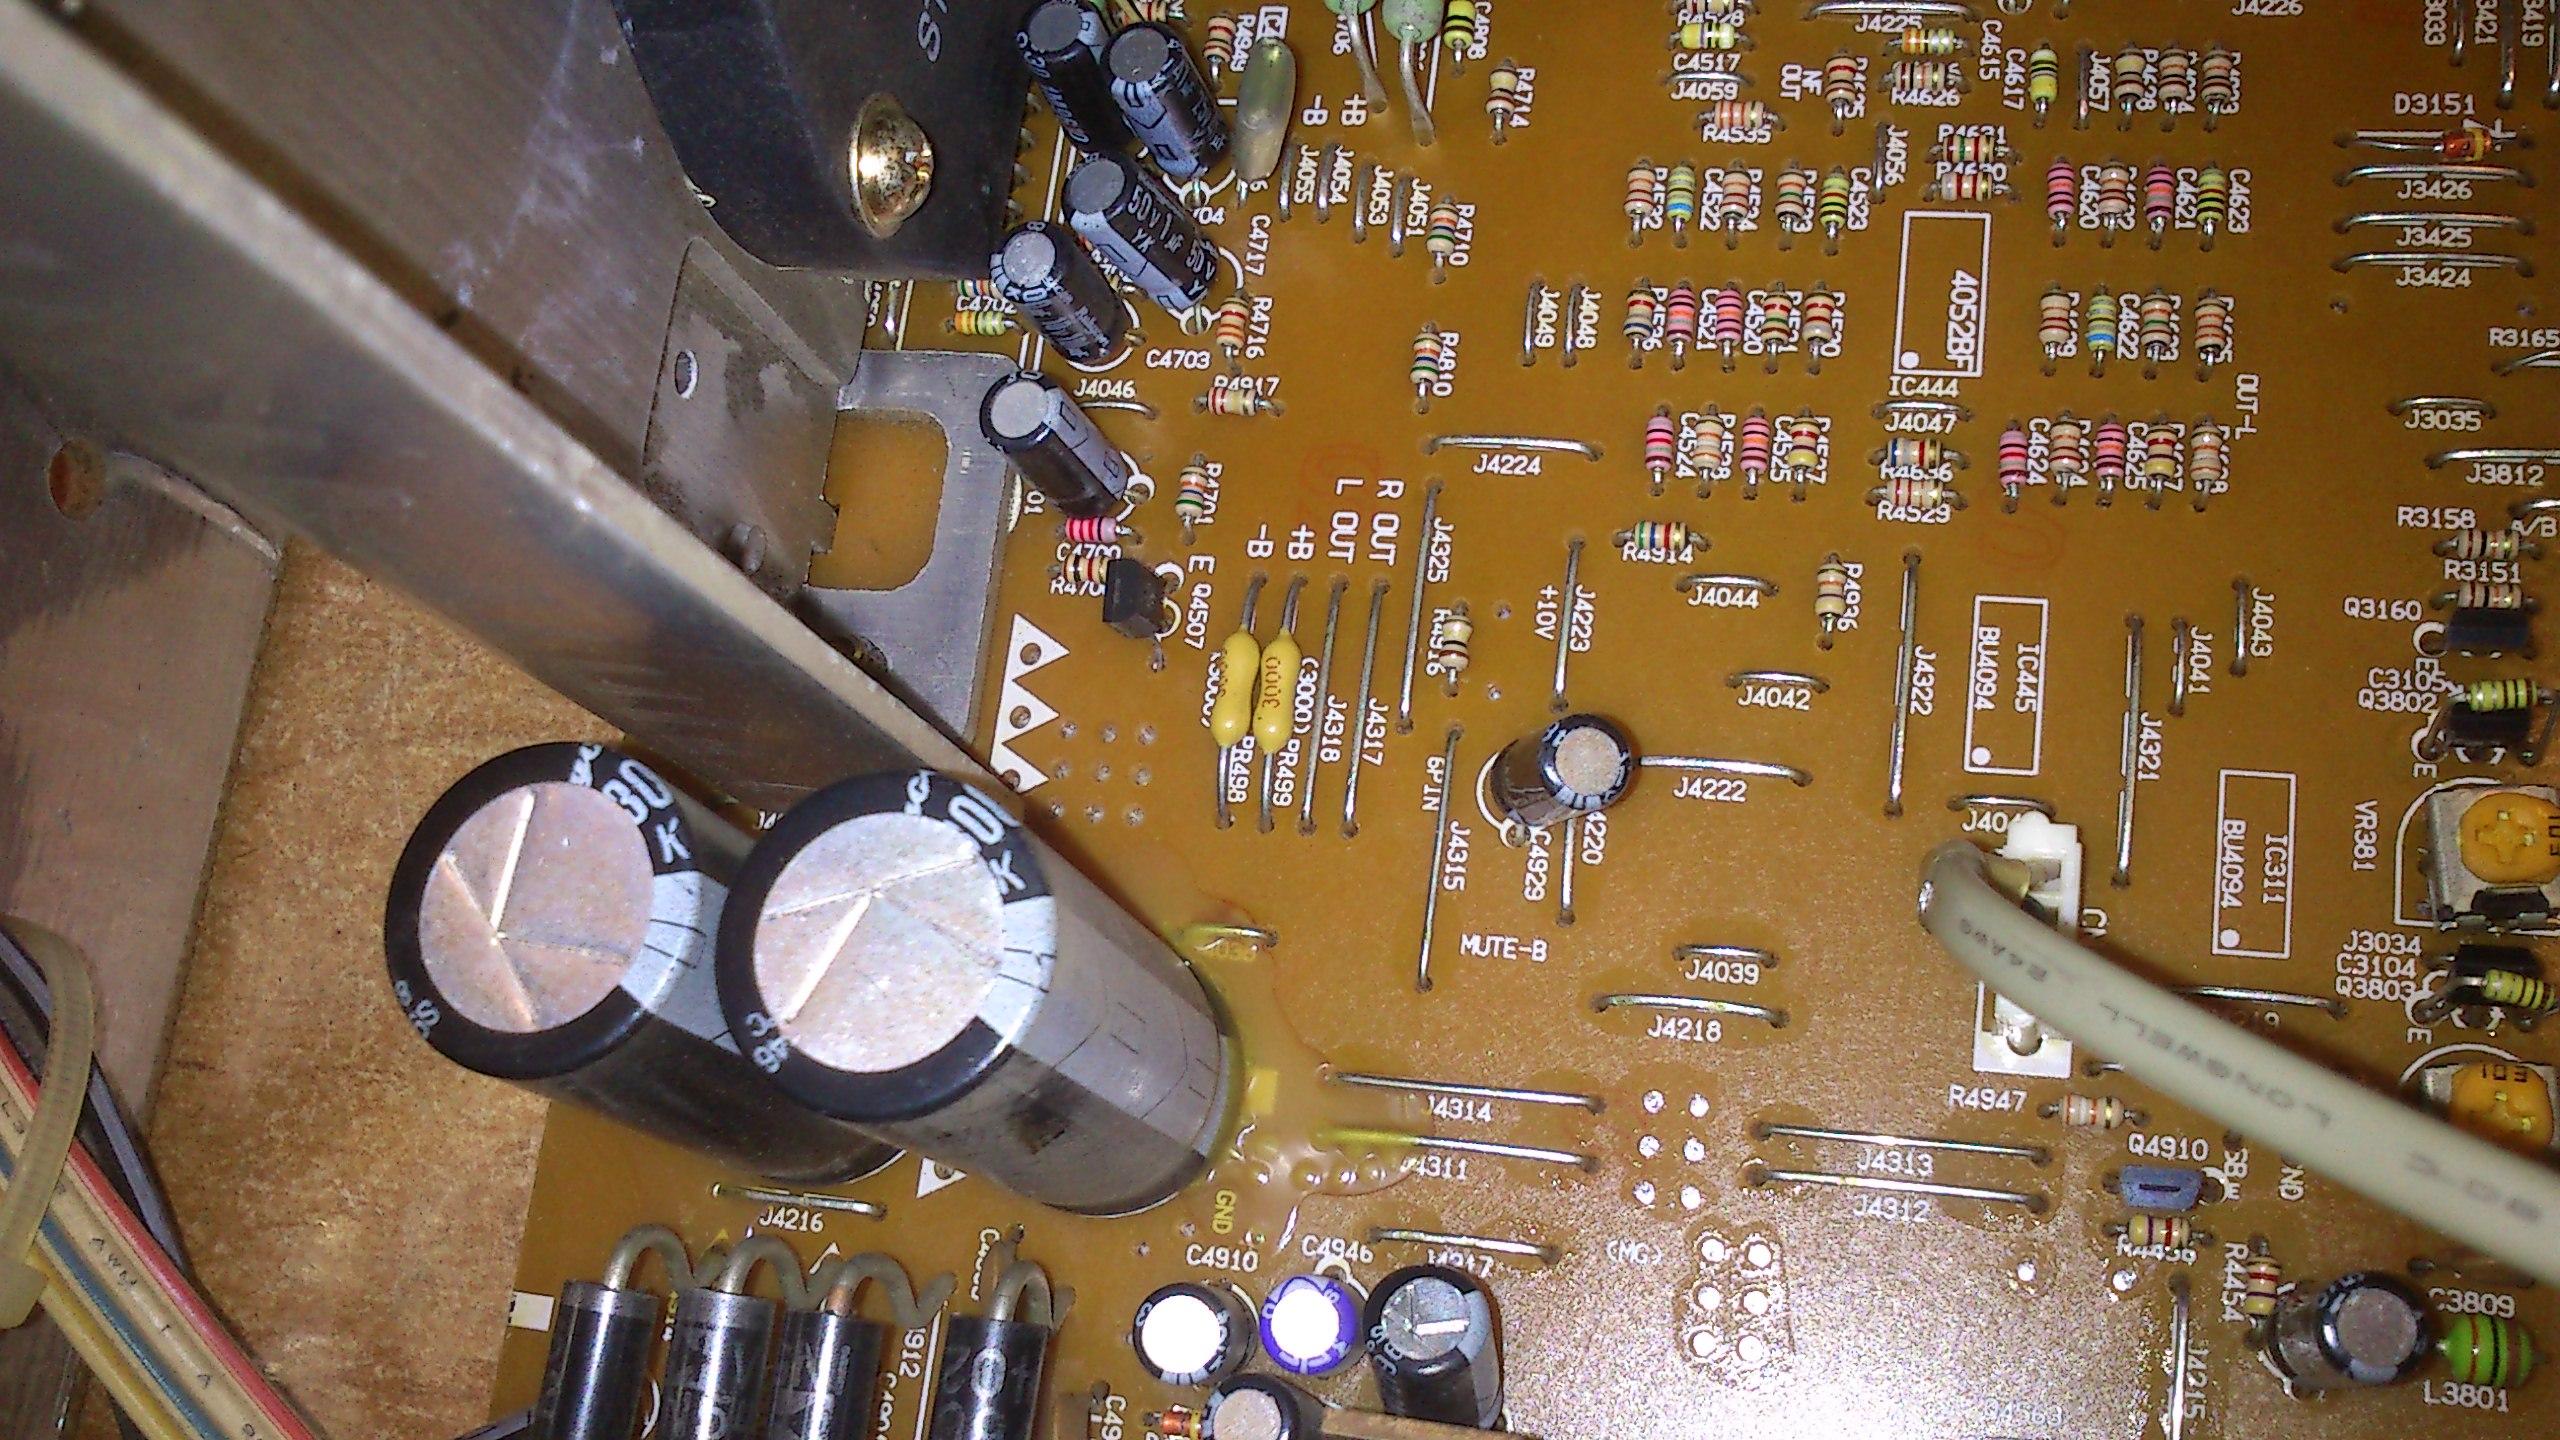 Wie�a Sanyo DC-F180U - Co to za elementy?